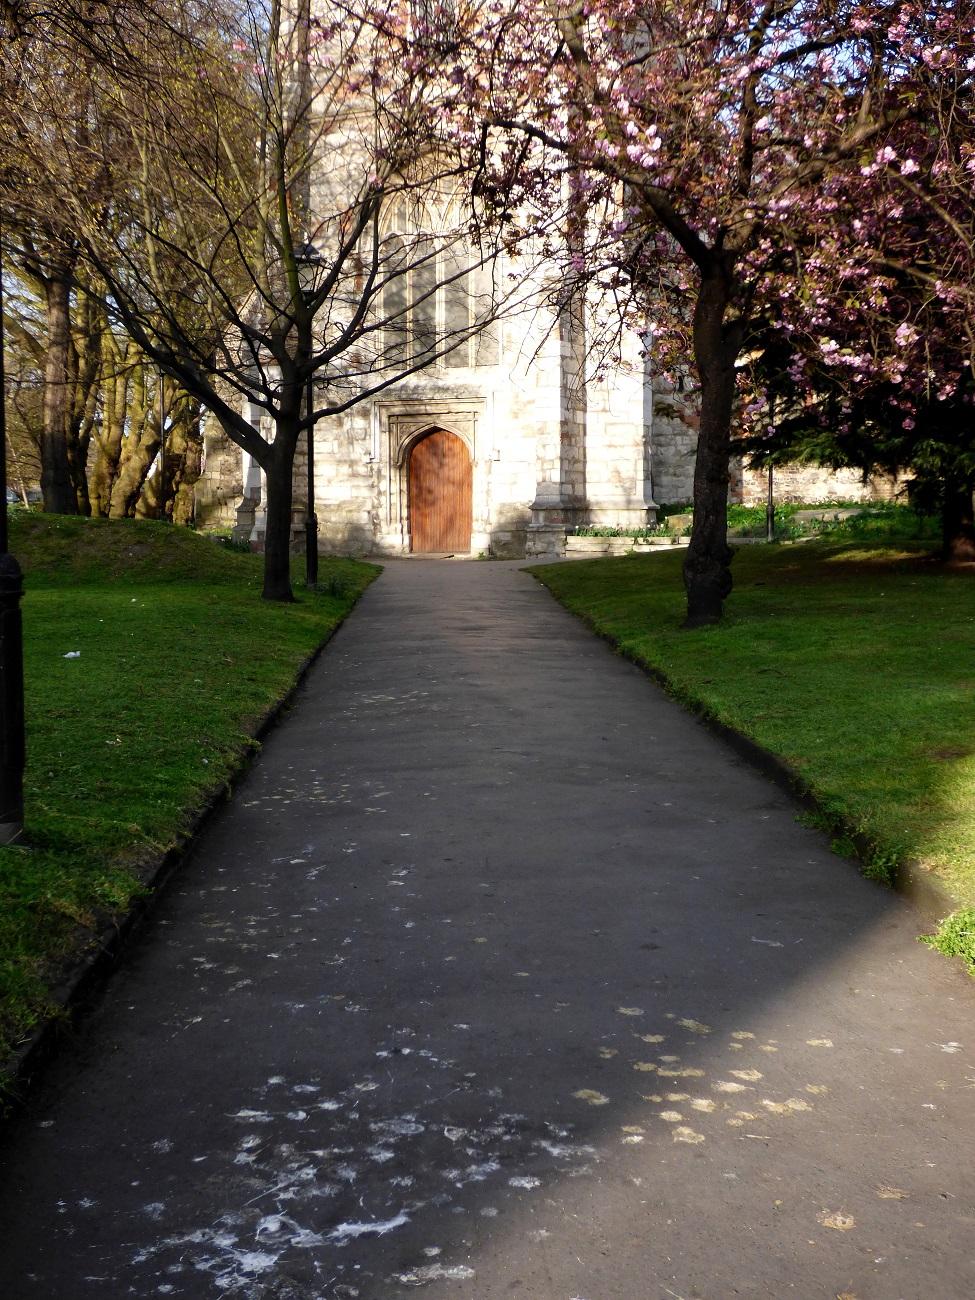 20170403_Newham_West-Ham-Parich-Church_Shaded-Path